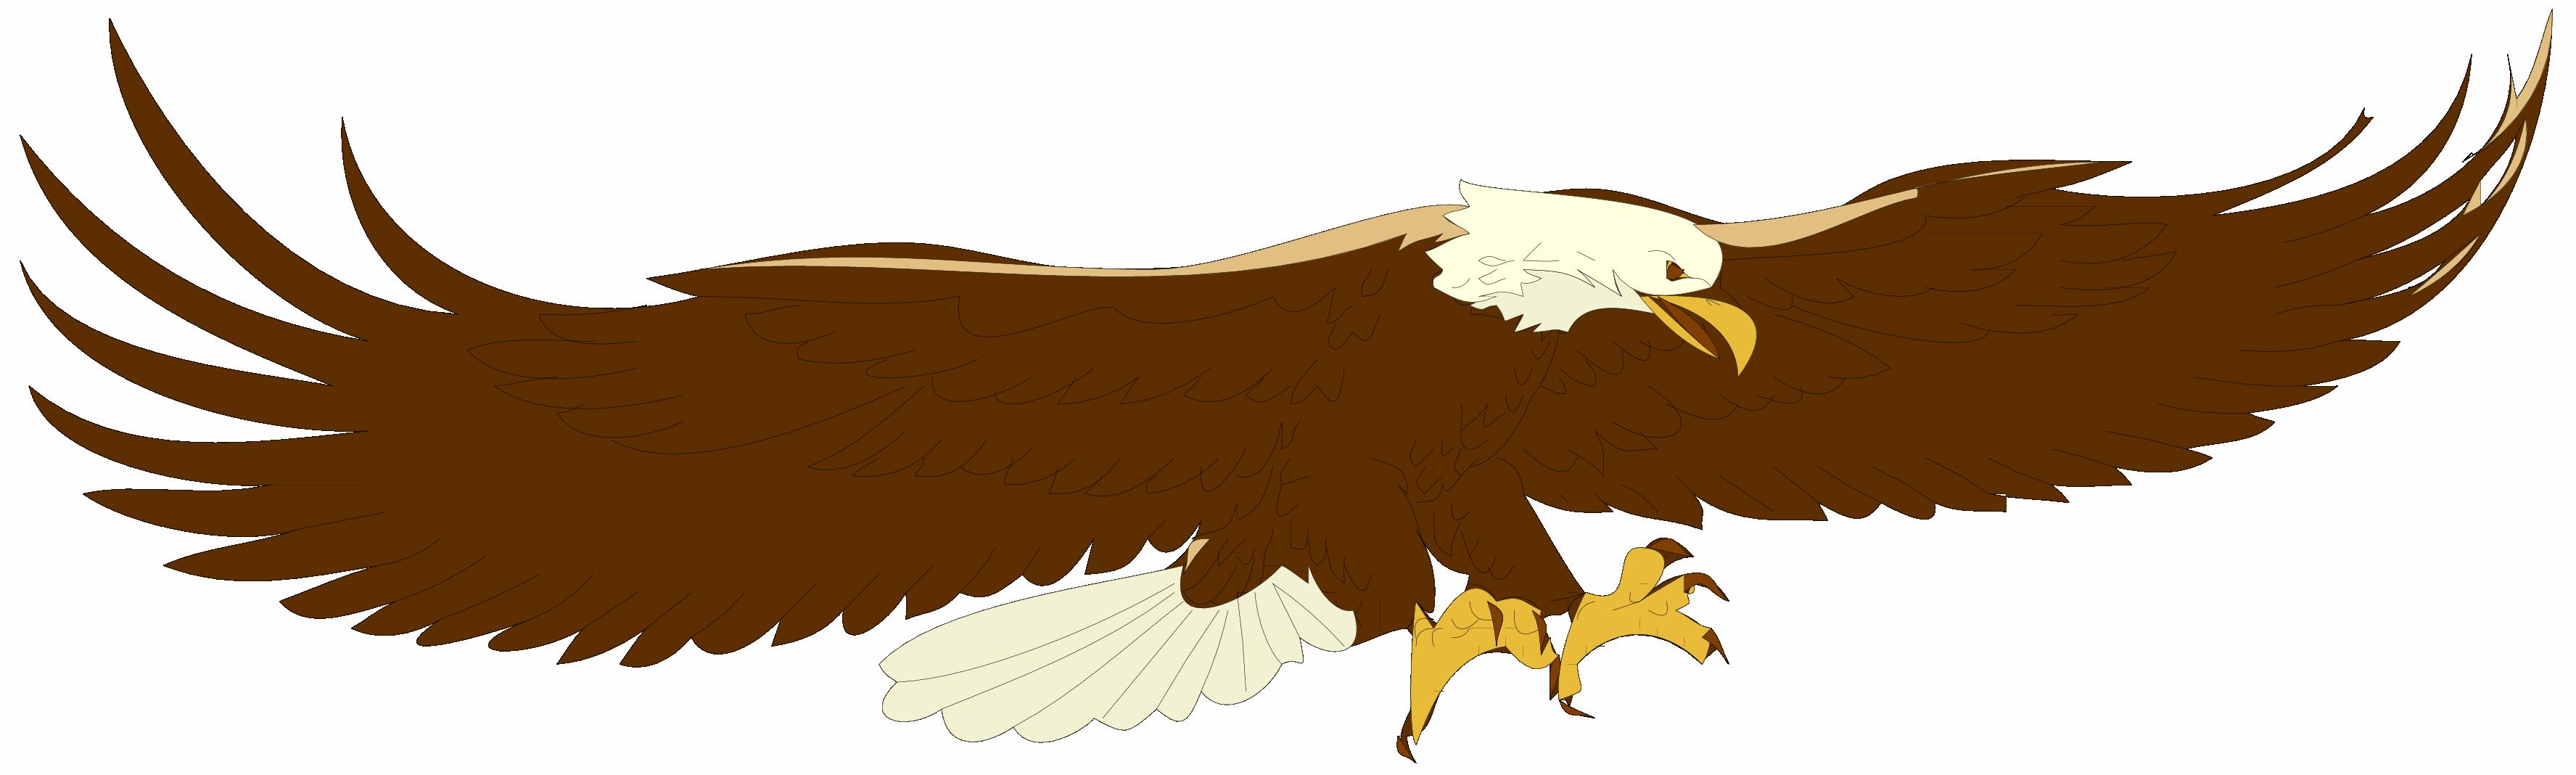 Clip Art Eagles Clipart eagle clip art logo clipart panda free images art